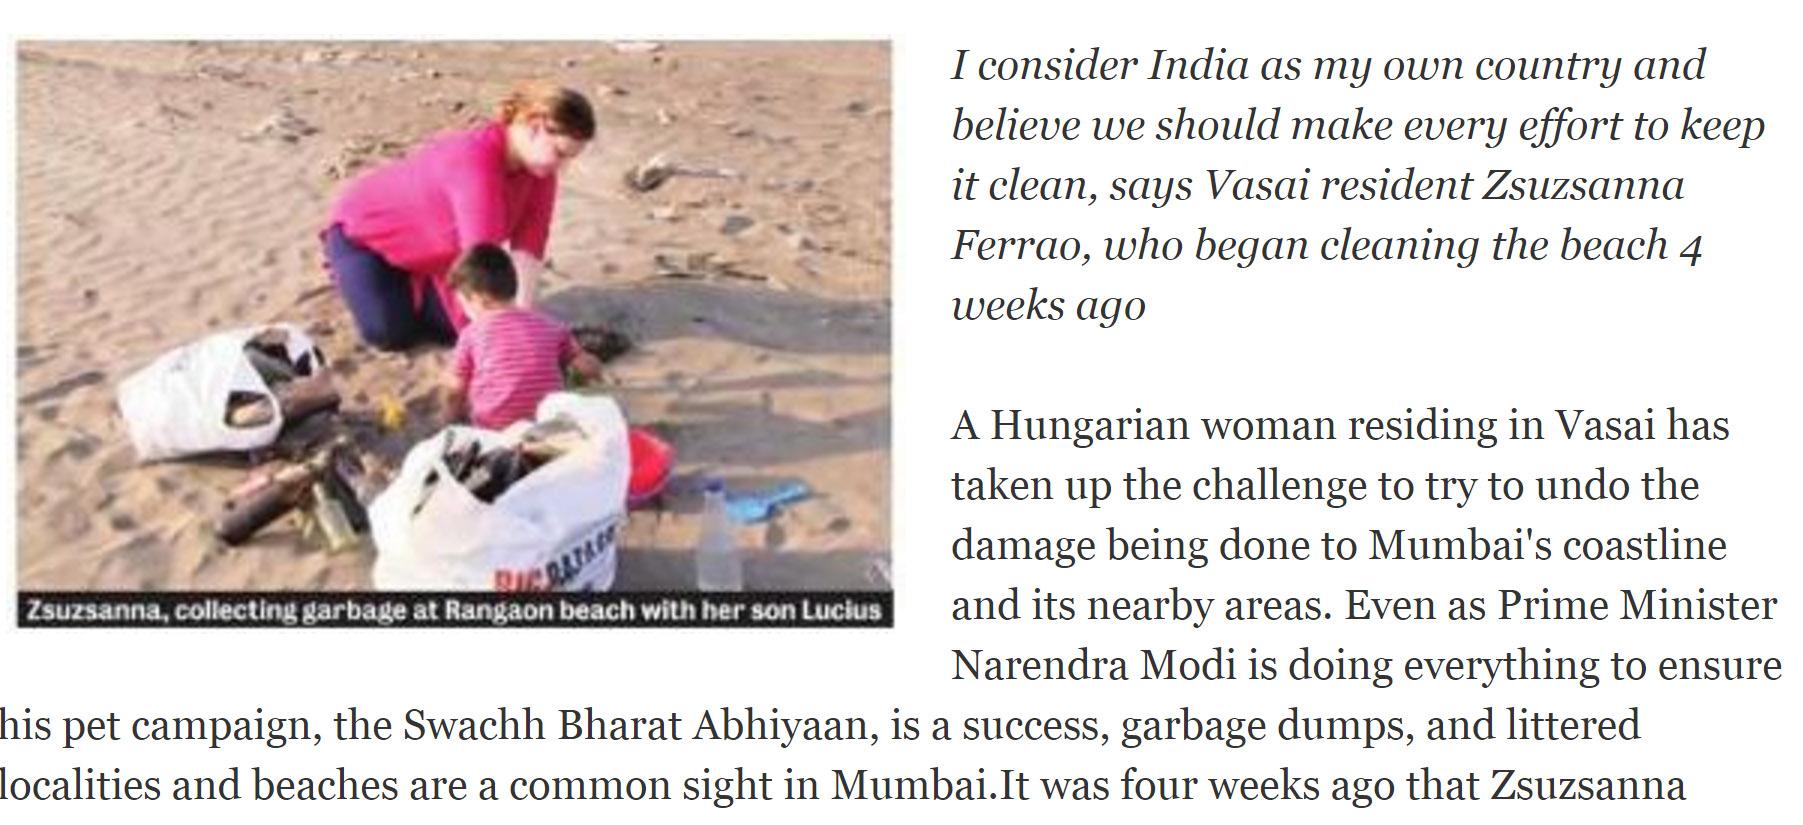 Zsuzsanna, a hős magyar asszony takarítja családjával a szemetet az indiai tengerparton